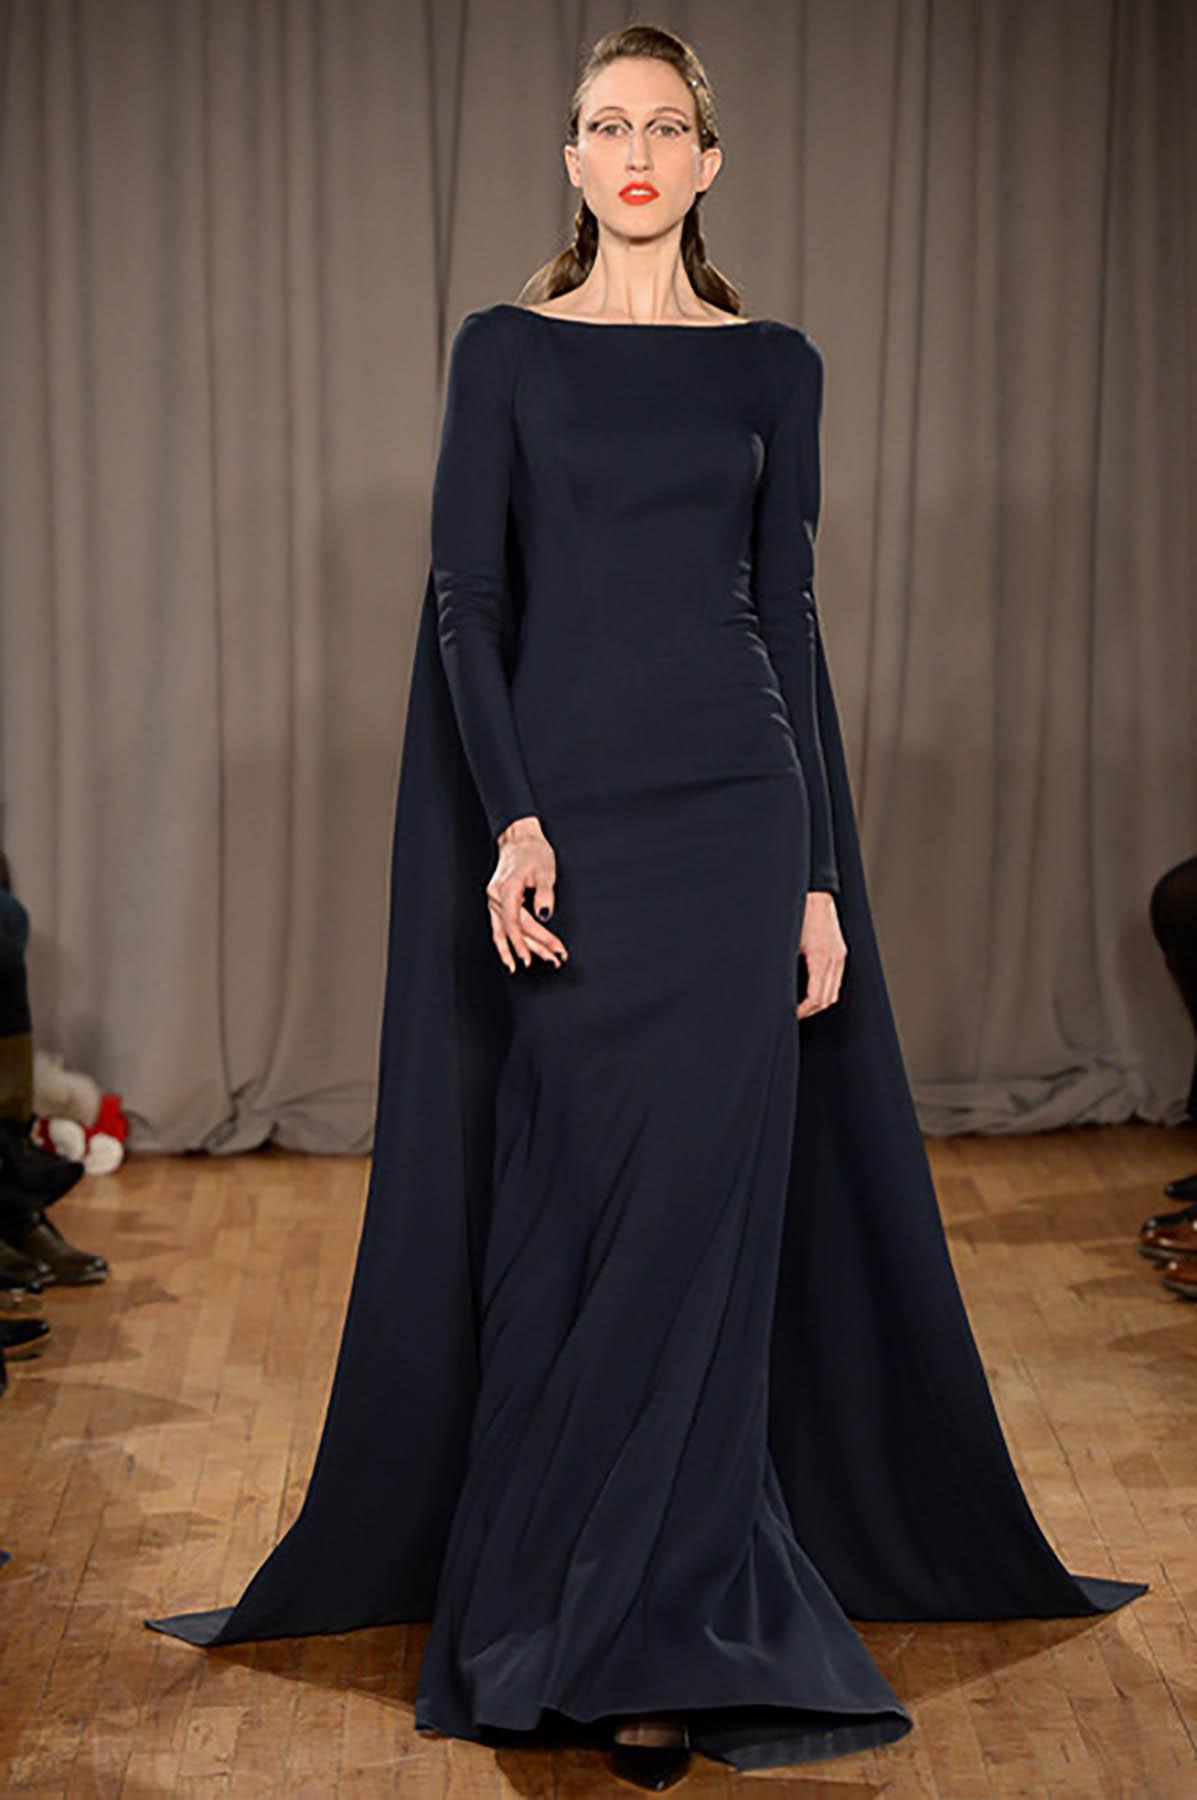 Black Tie Long Dress